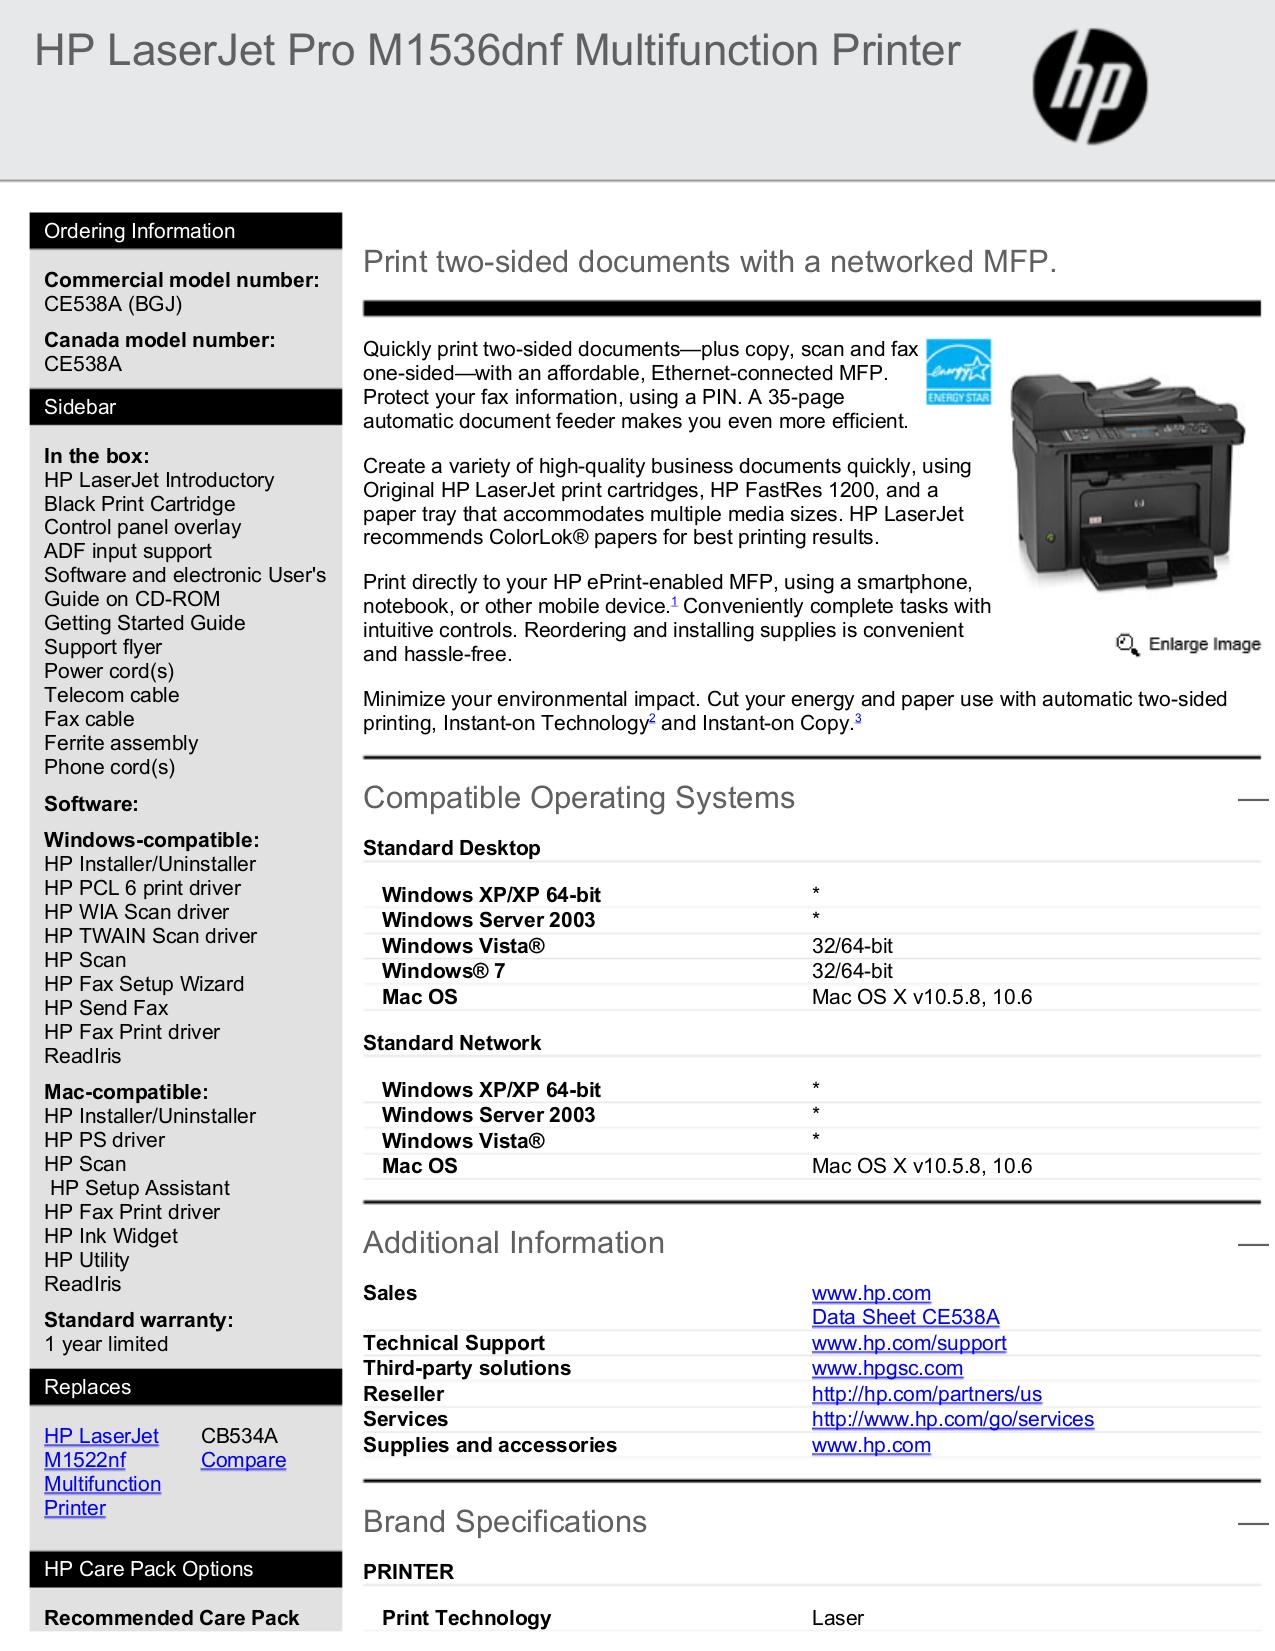 hp color laserjet 3800dtn manual